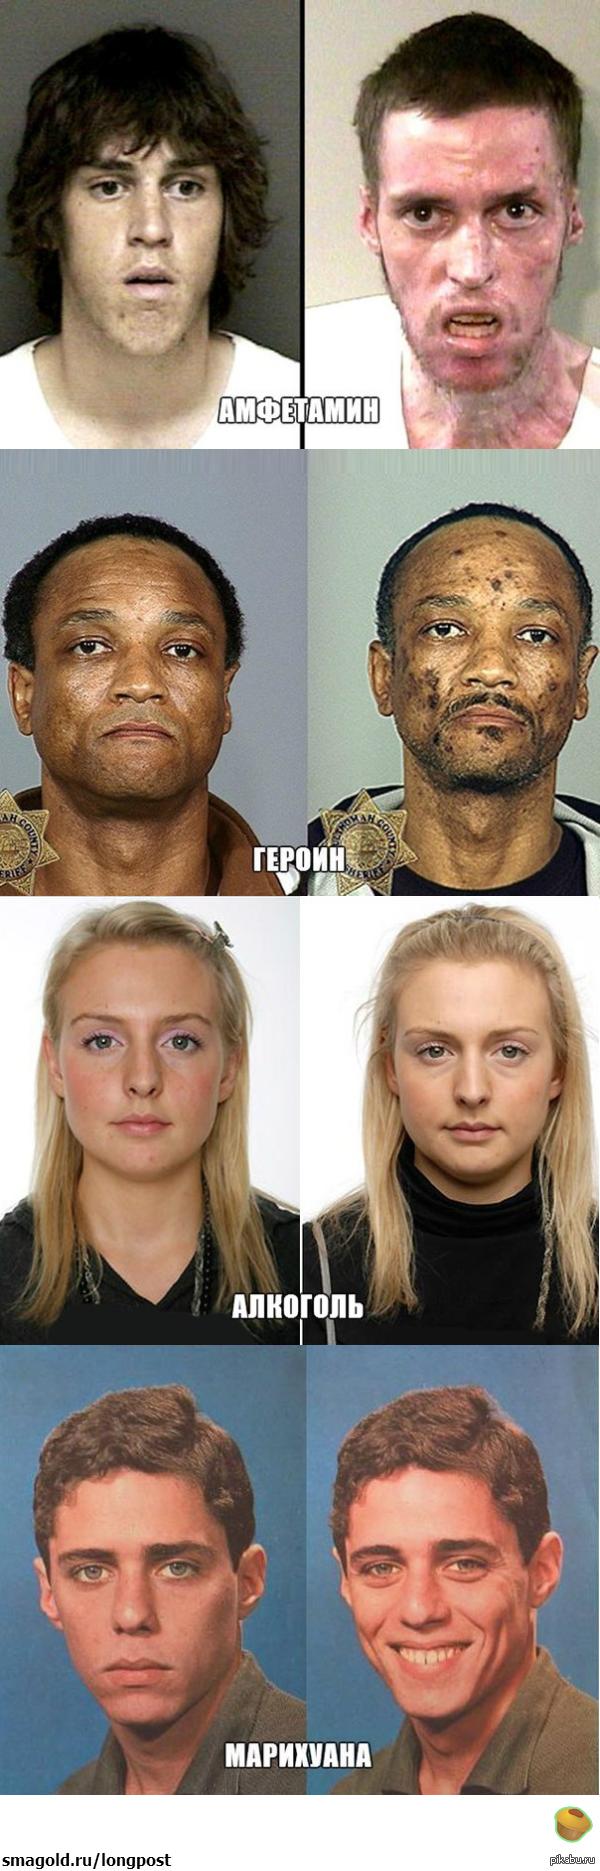 amfetamini-dlya-lecheniya-seksualnih-rasstroystv